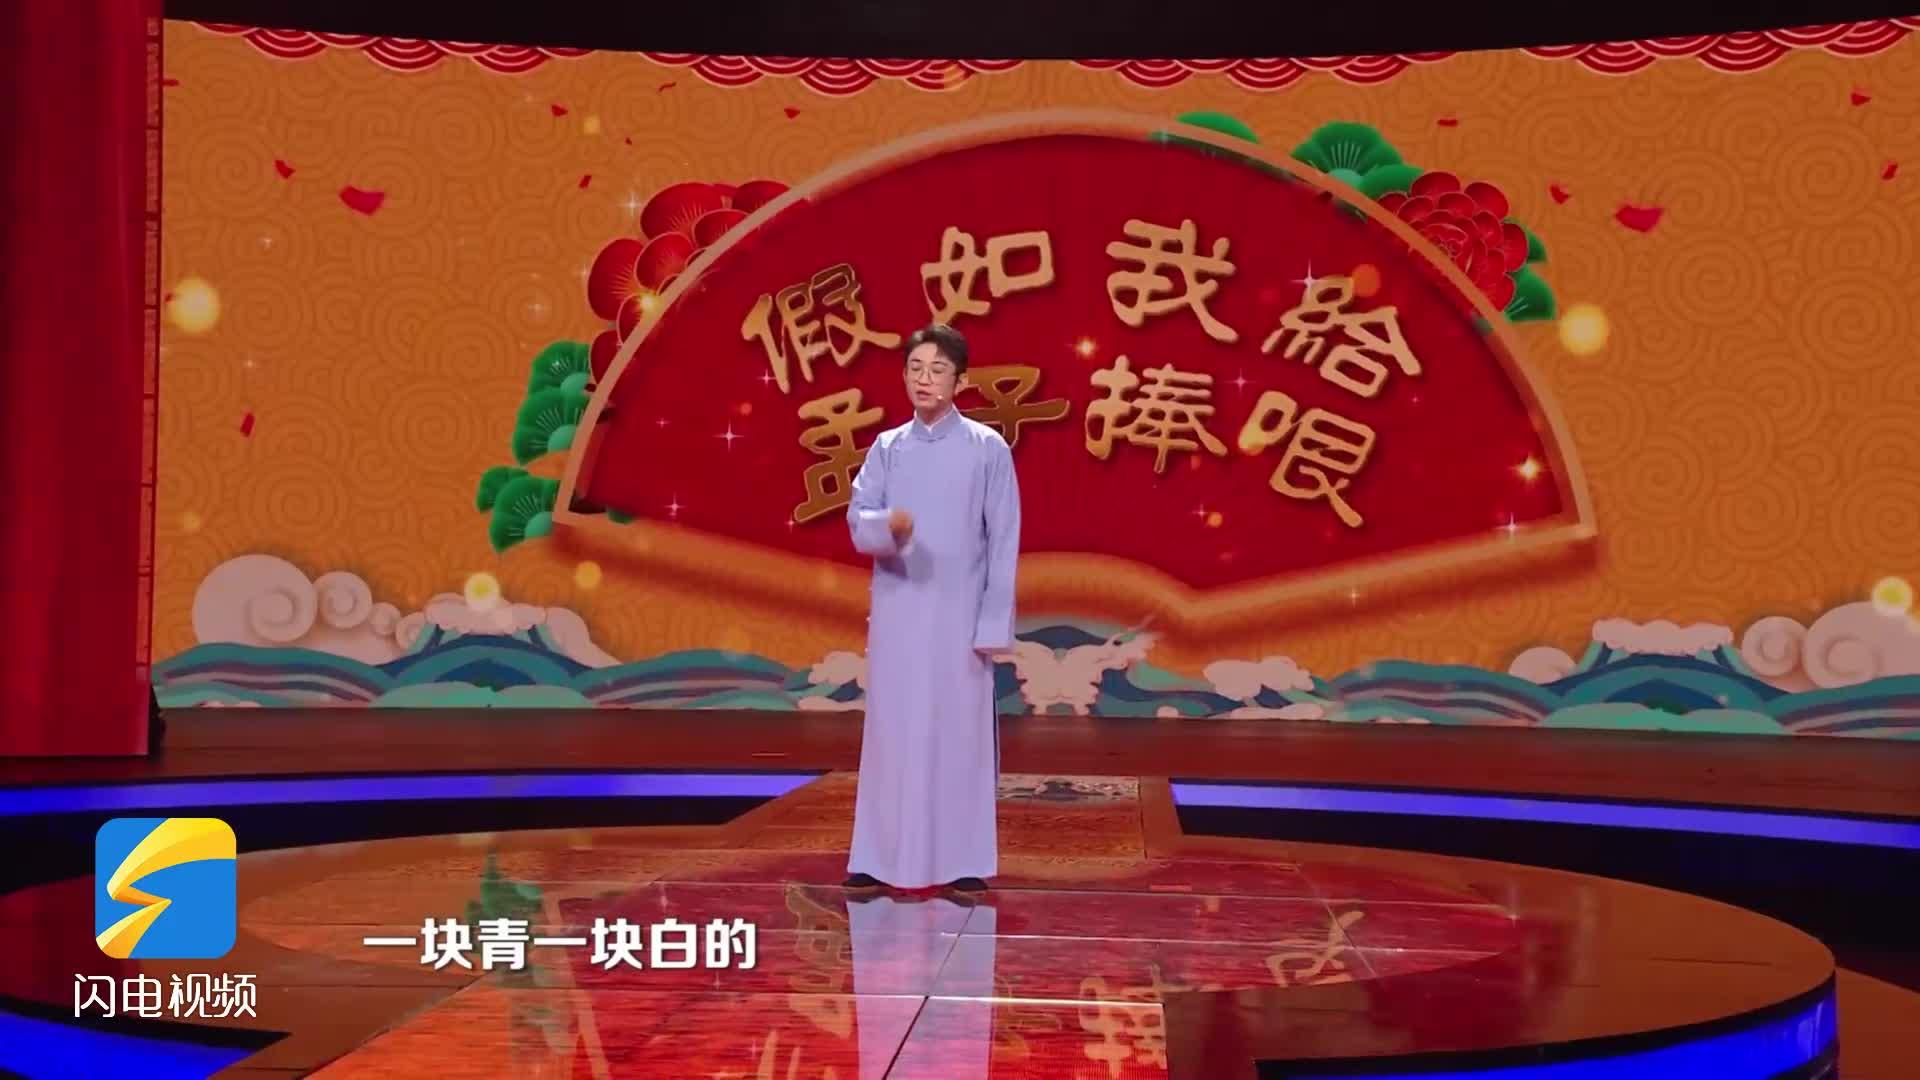 """金霏教你做""""怼王""""  孟子怼人背后是一颗为民的心丨国学小名士"""